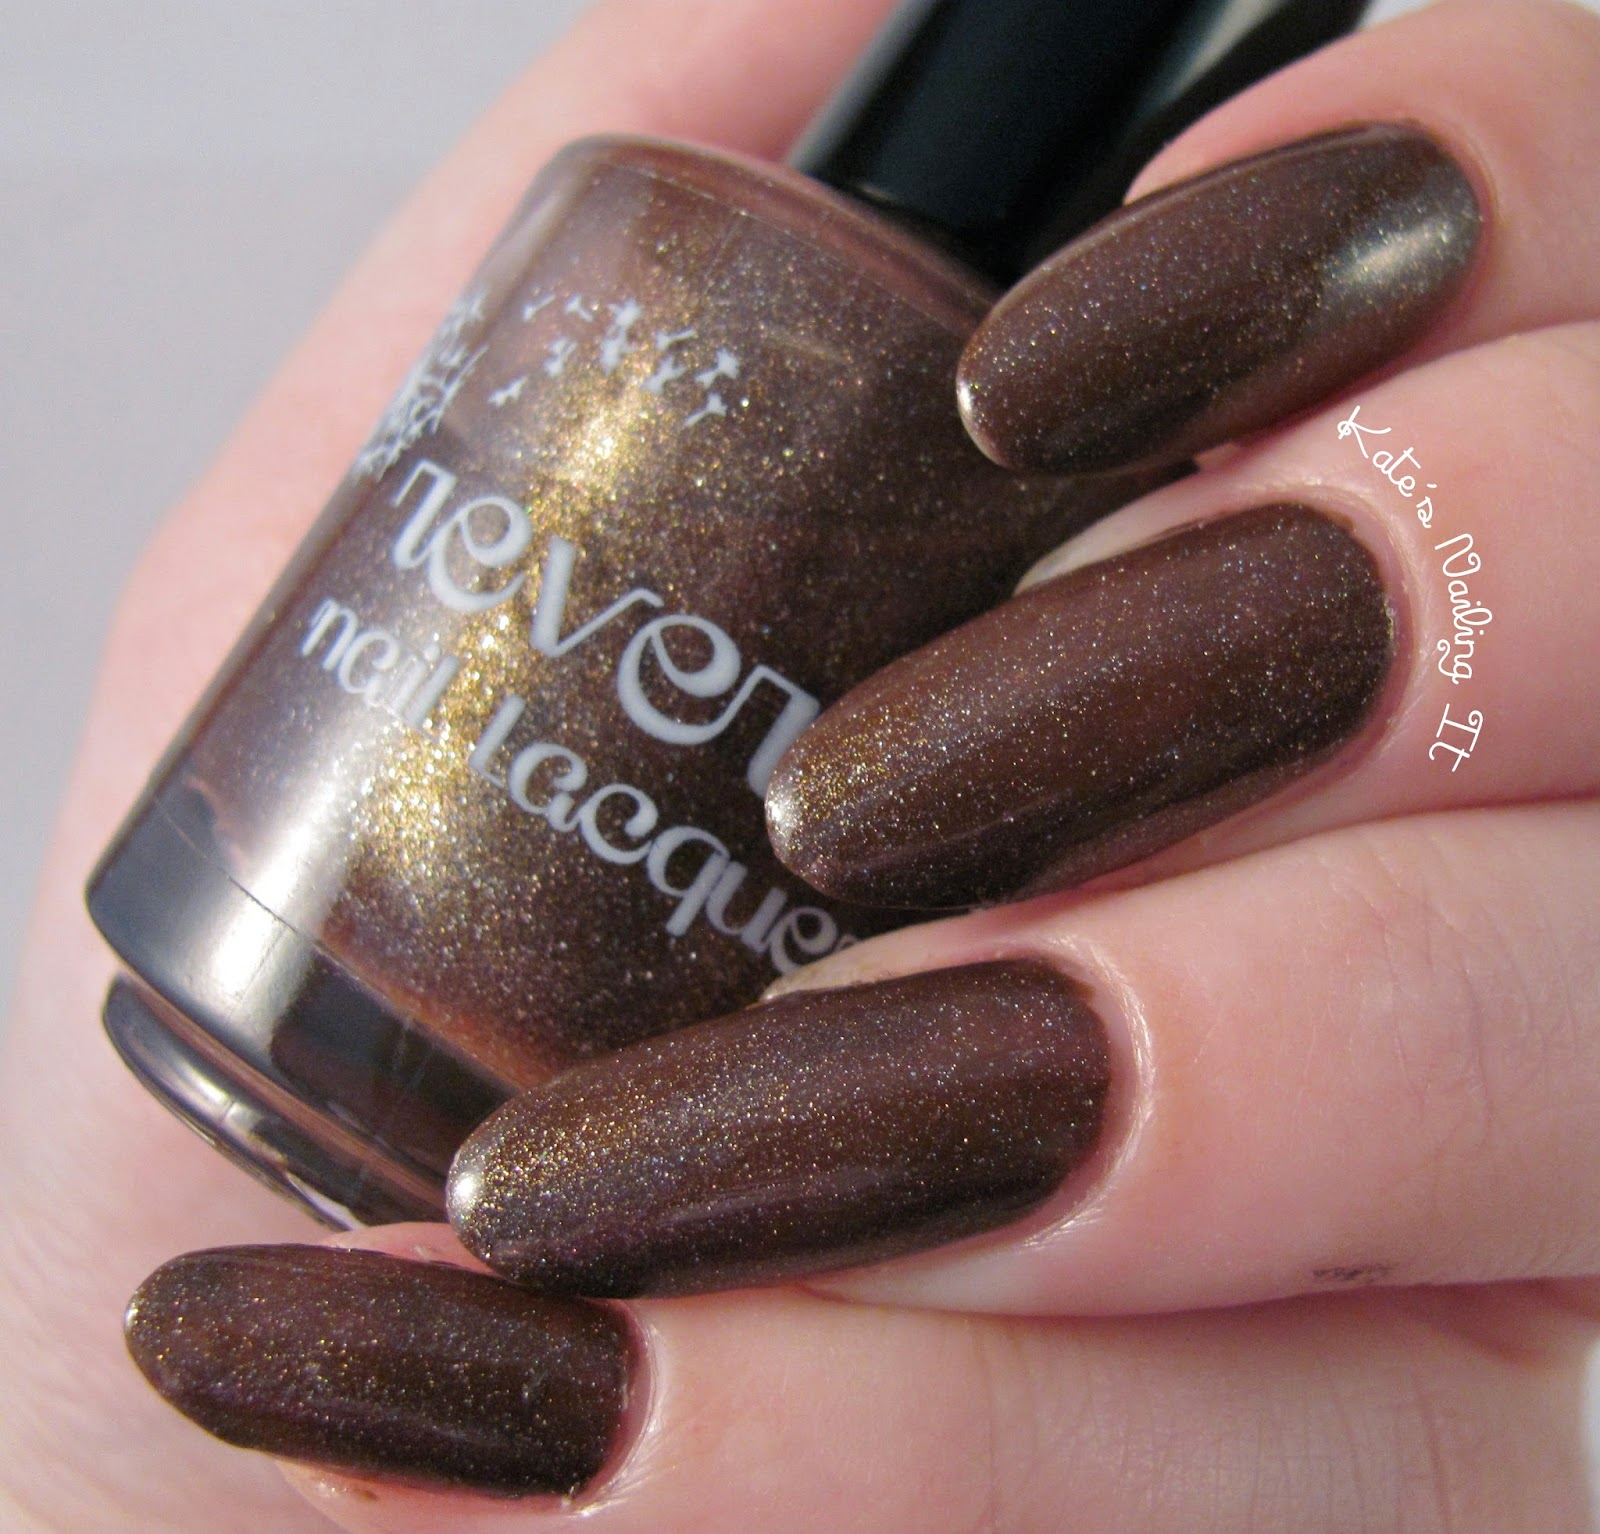 Kates Nailing It Reverie Nail Lacuqer Hot Chocolate Nail Art